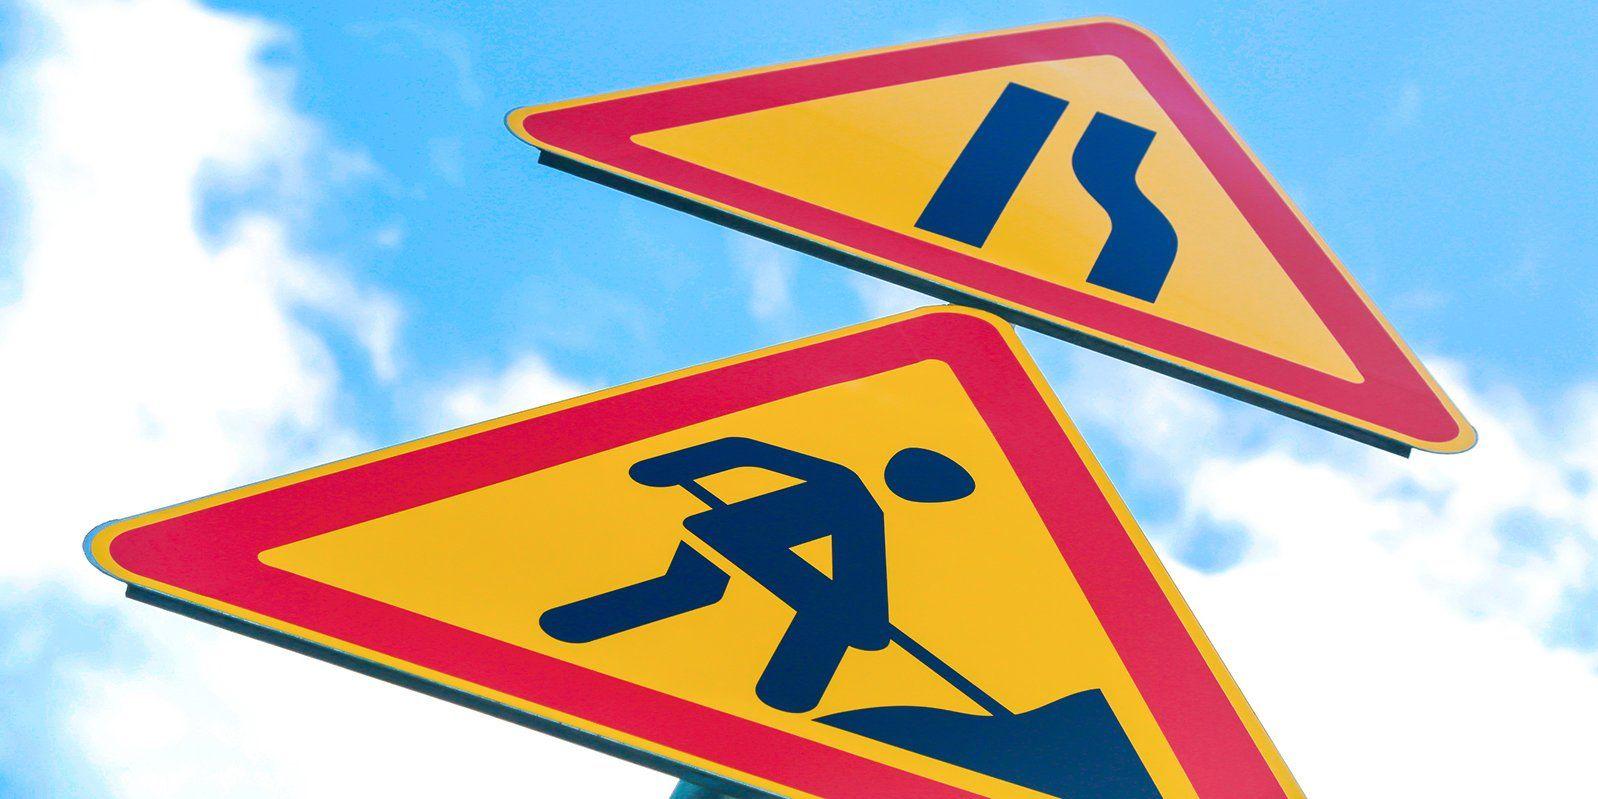 Свыше 35 тысяч квадратных метров дорог реконструируют в Первомайском